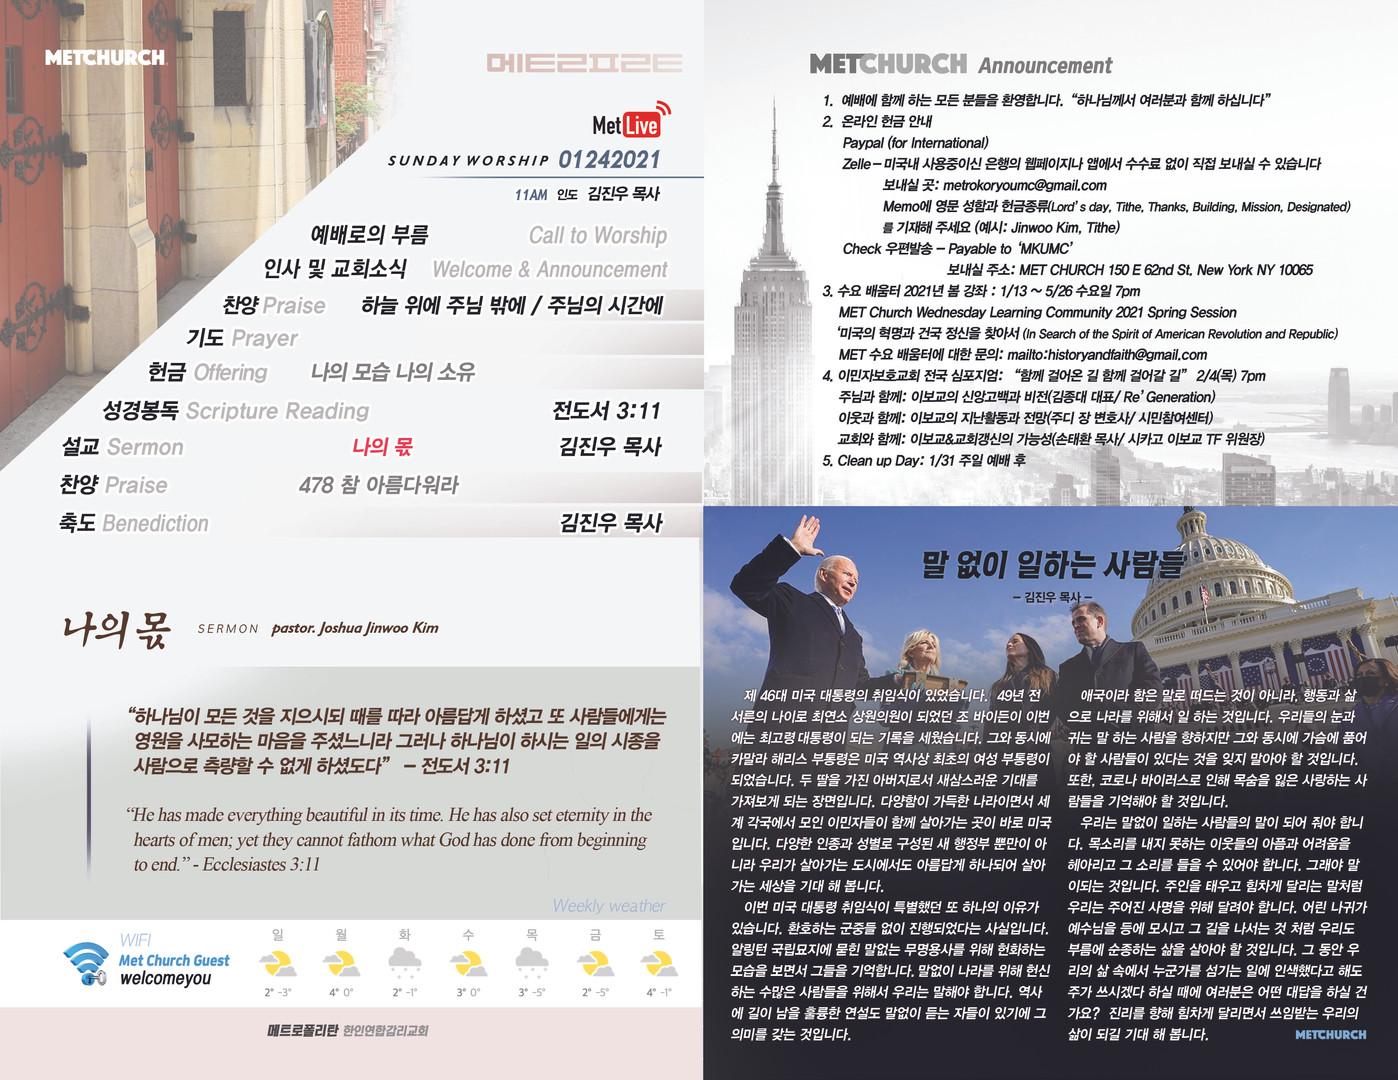 MetChurch_paper_Back_01242021psd.jpg